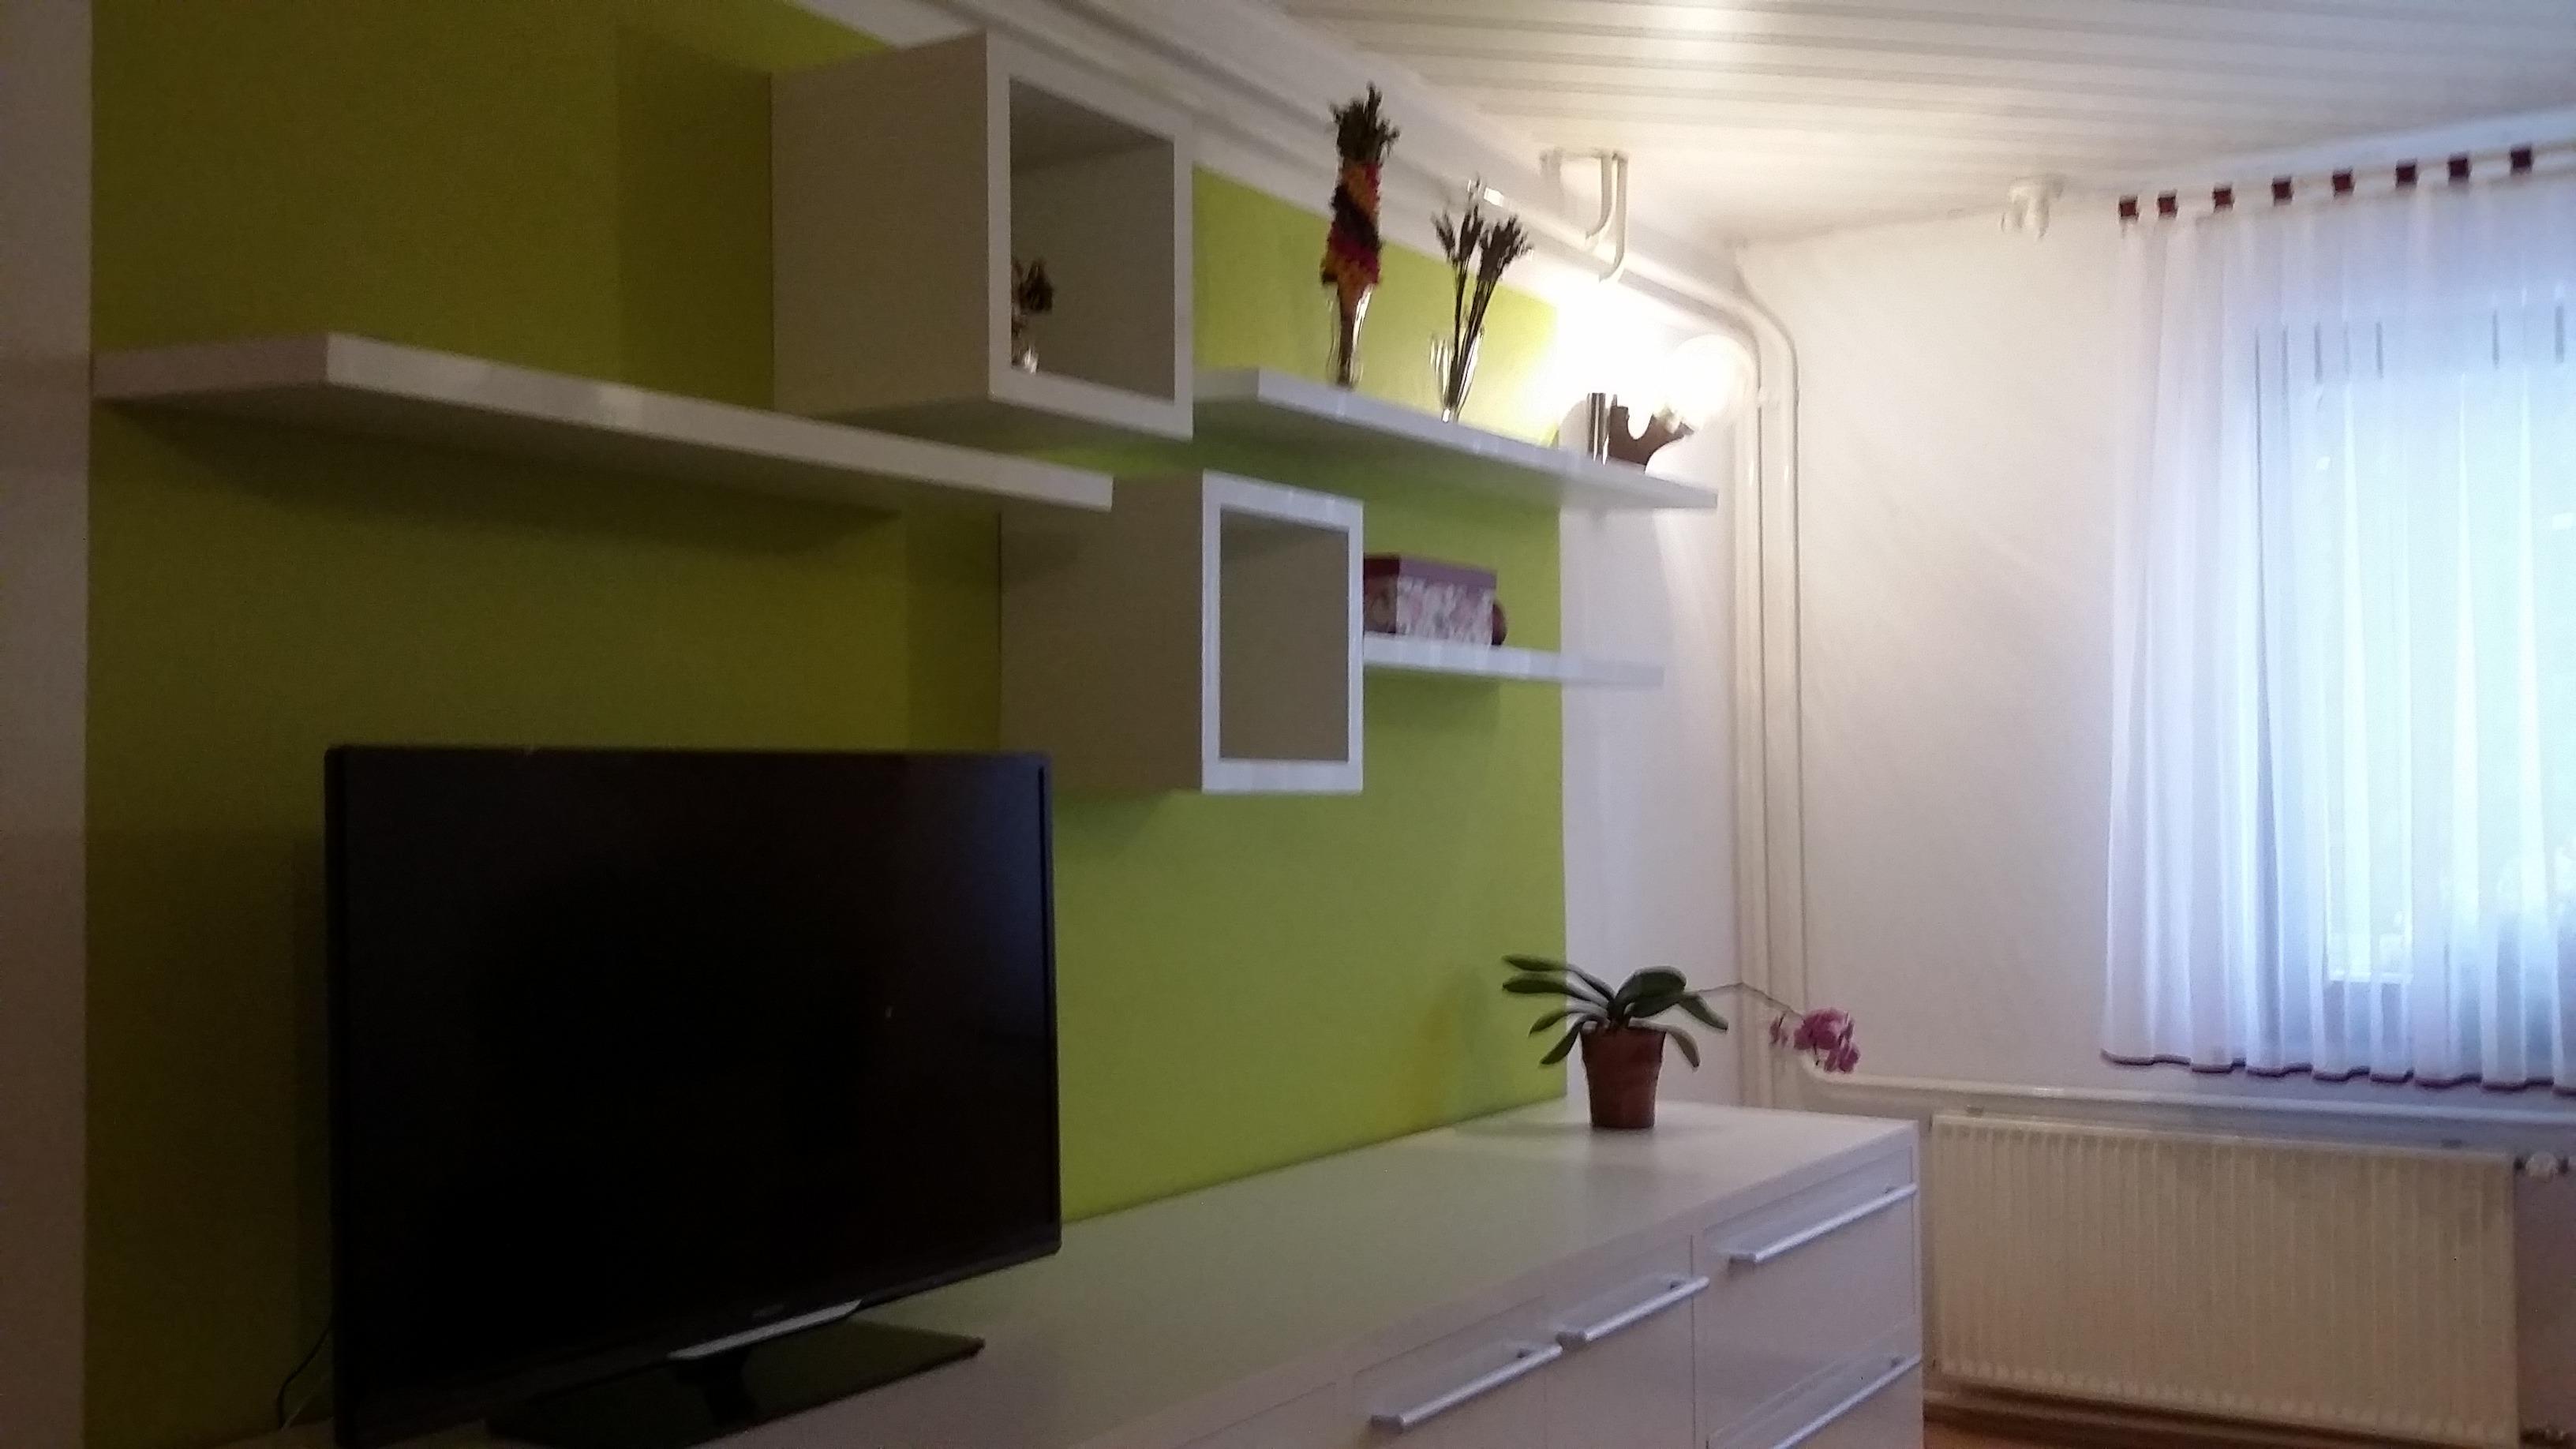 Izdelava in montaža dnevne sobe Mišo s.p. - 2